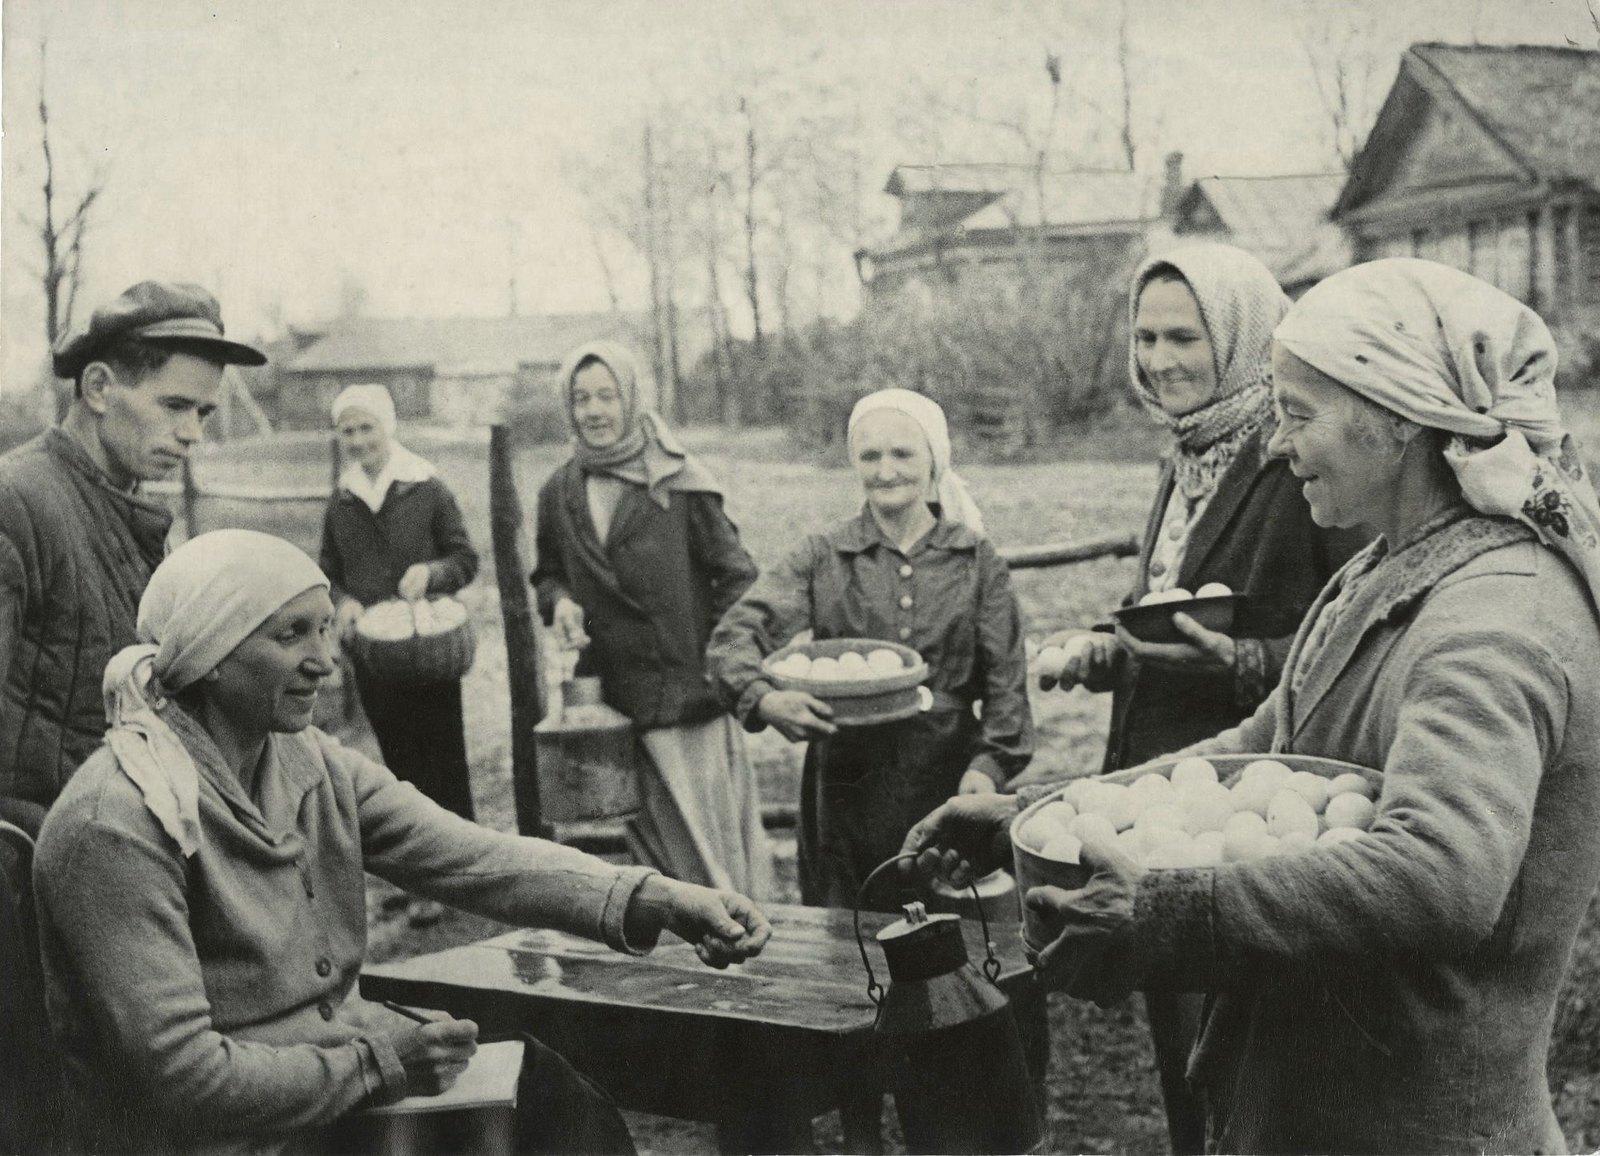 1941. Сельское хозяйство в годы войны для Красной Армии. Все для фронта!